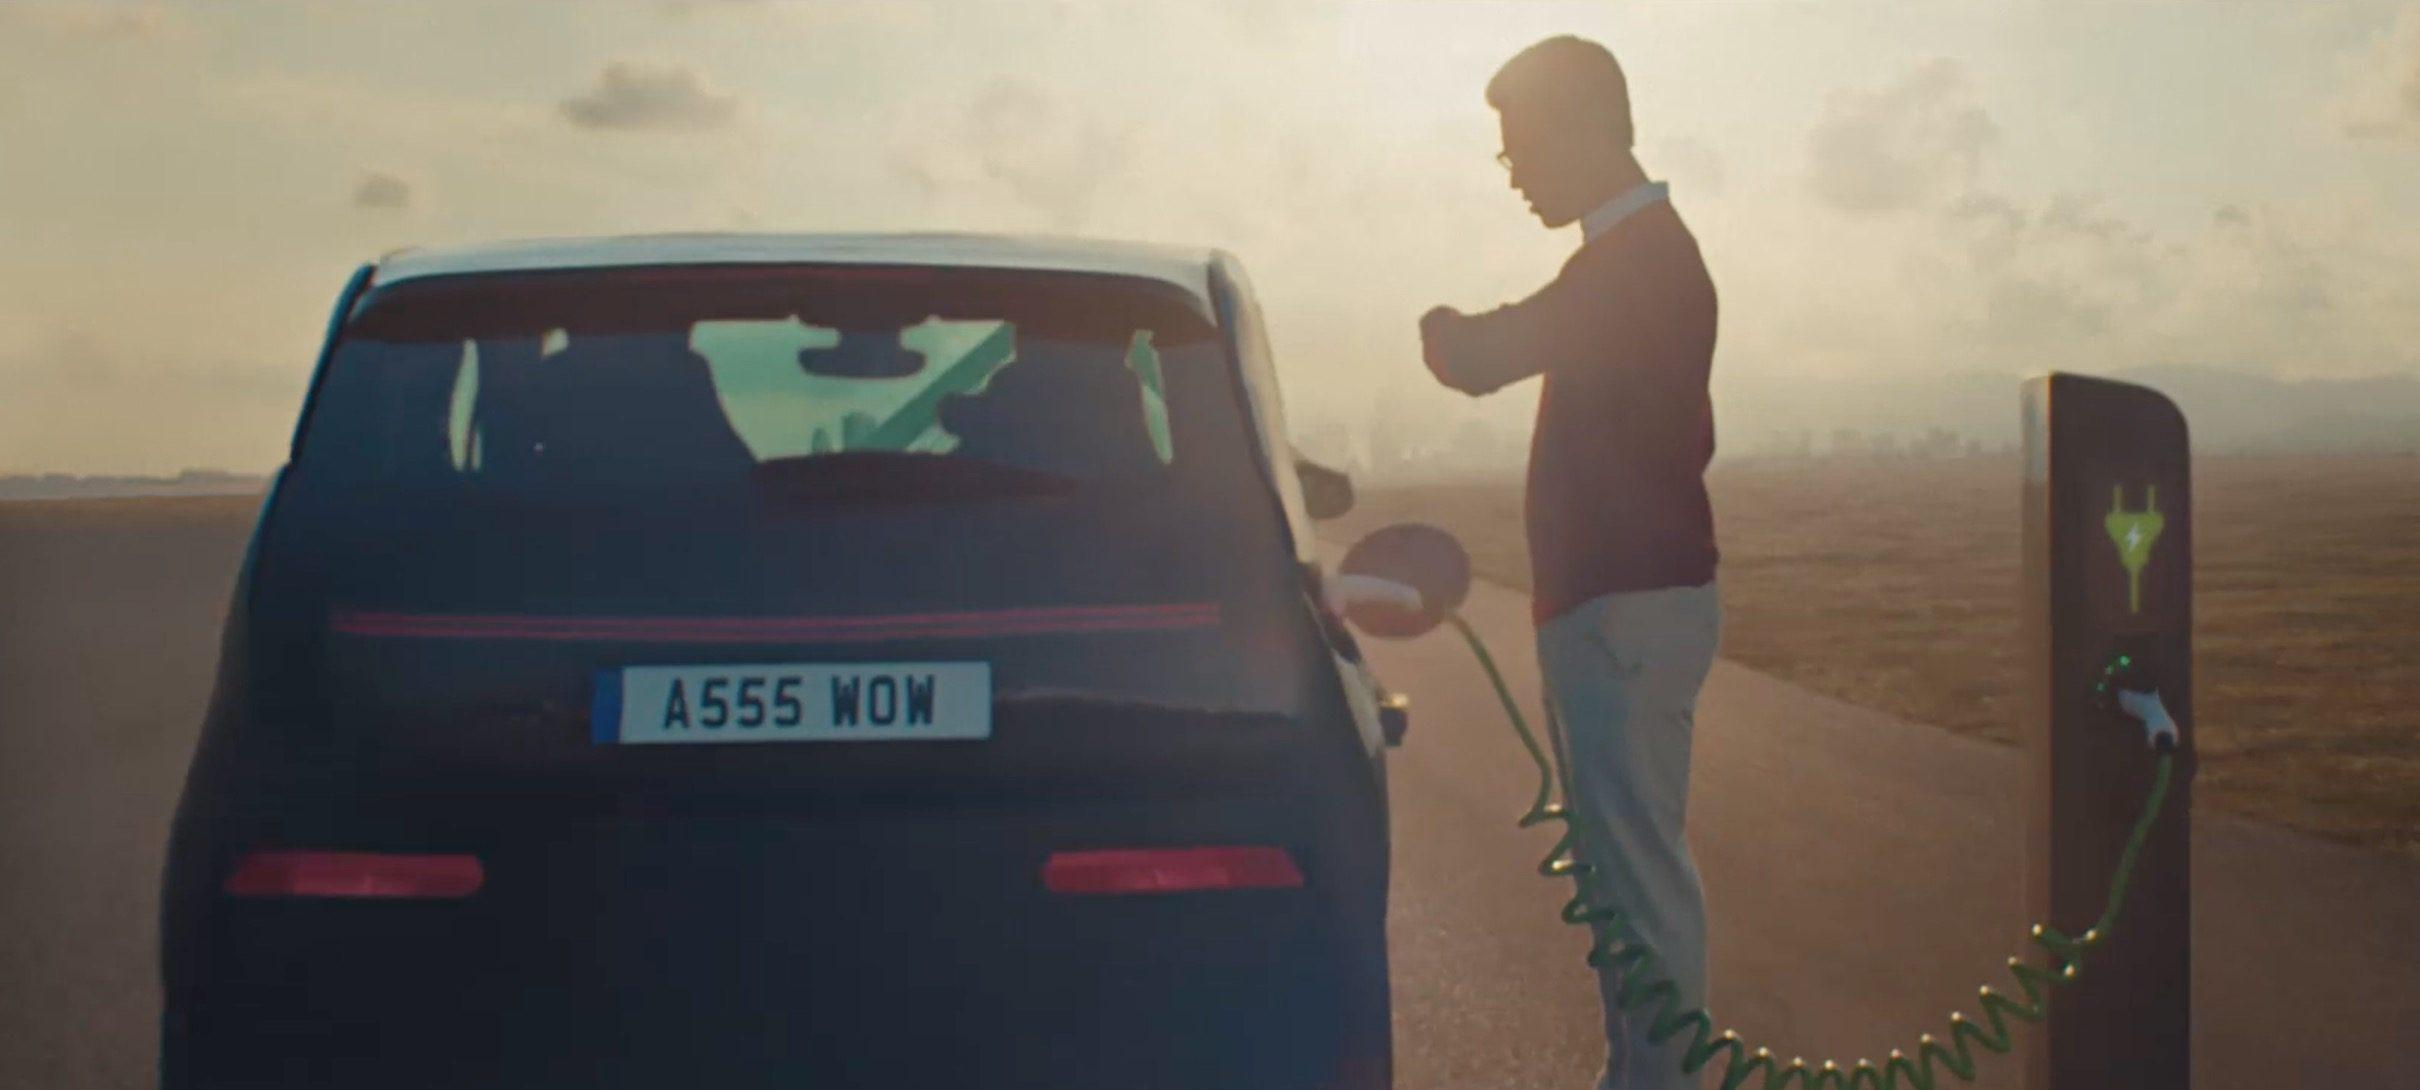 丰田制作反电动车广告以推销新款混动版卡罗拉轿车